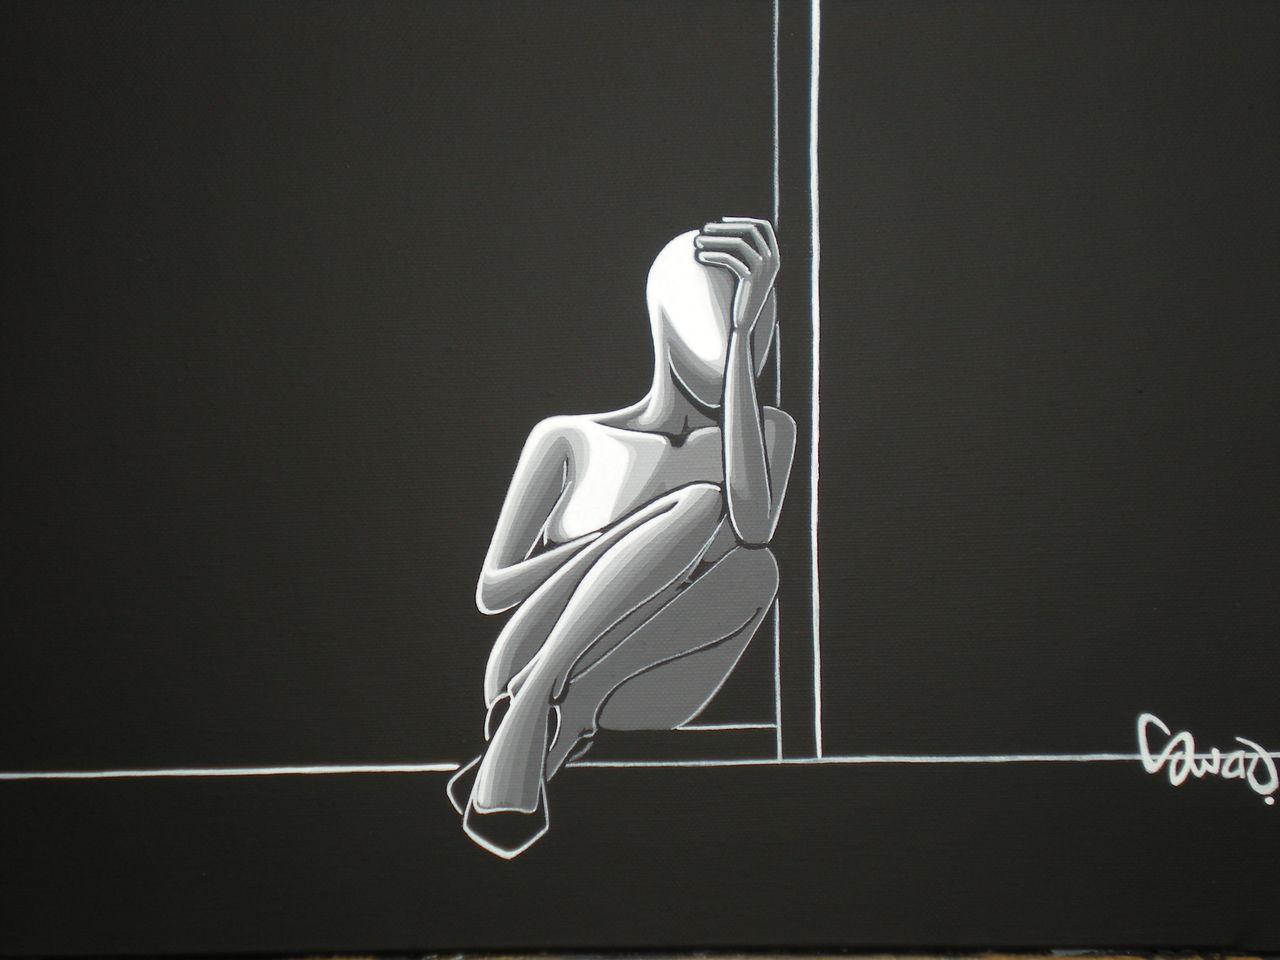 souad halima-rihoum dit SWAD en tant qu'artiste DSCN2543